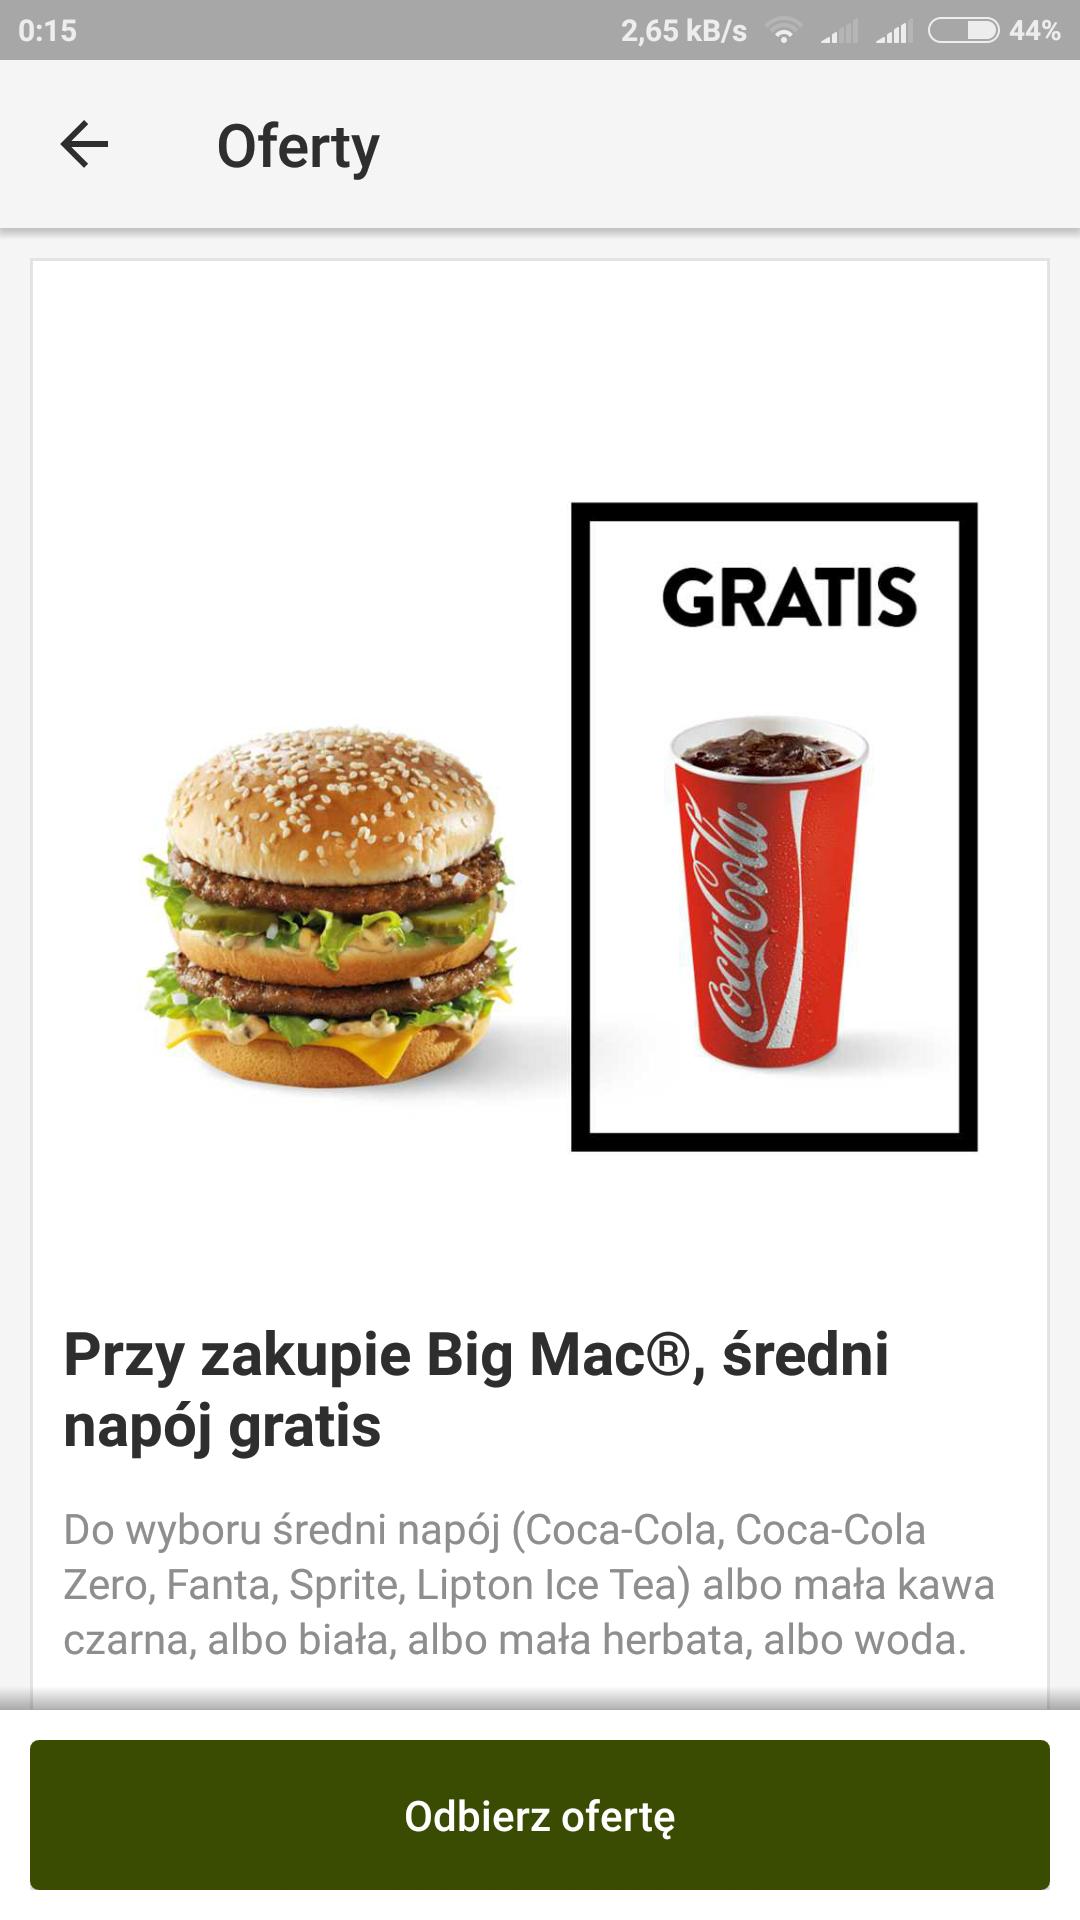 McDonald's przy zakupie bigmac średni napój gratis